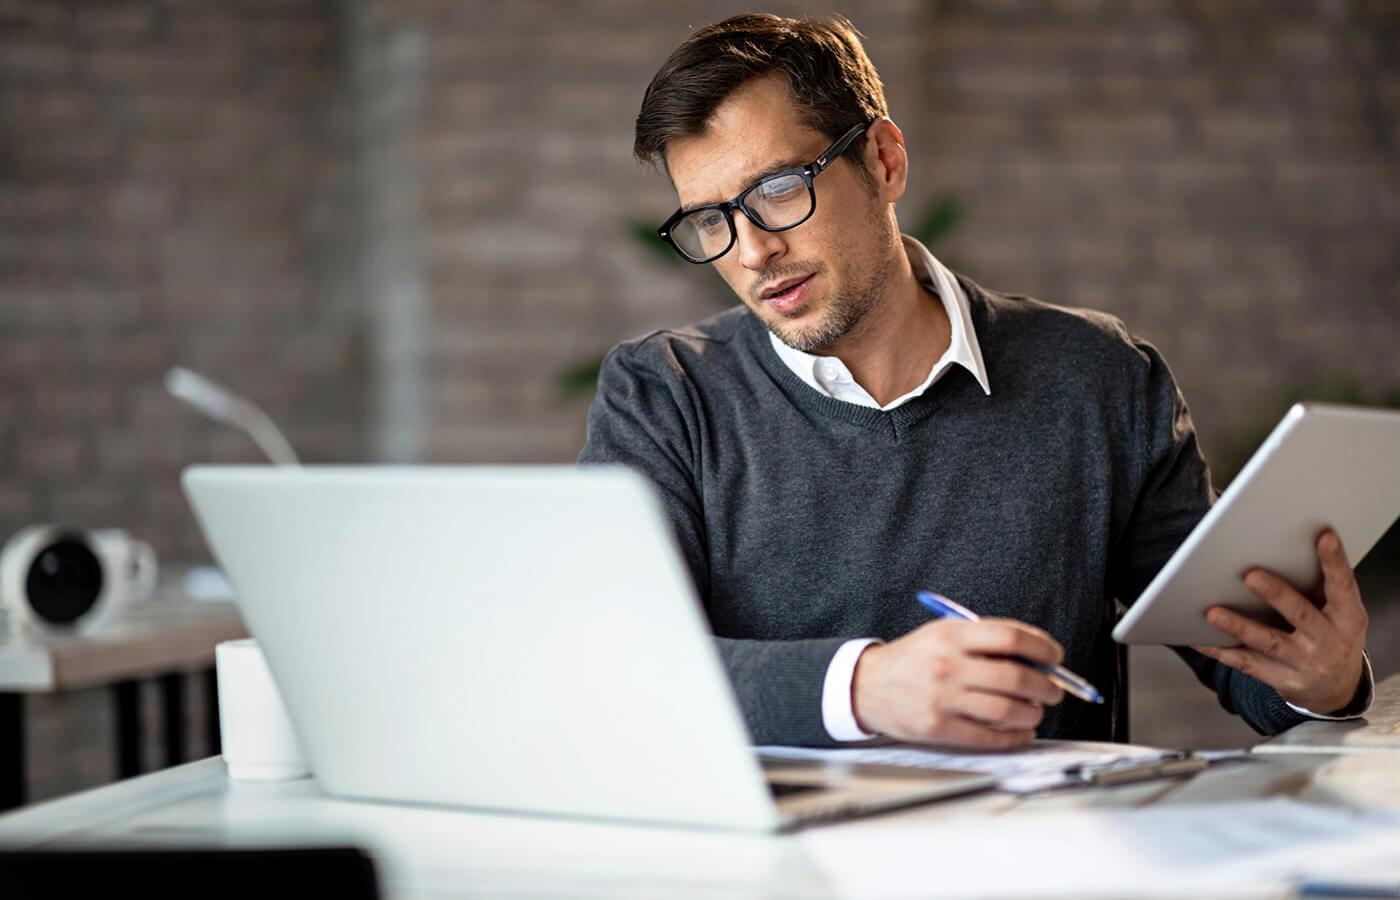 cloud-based HR software